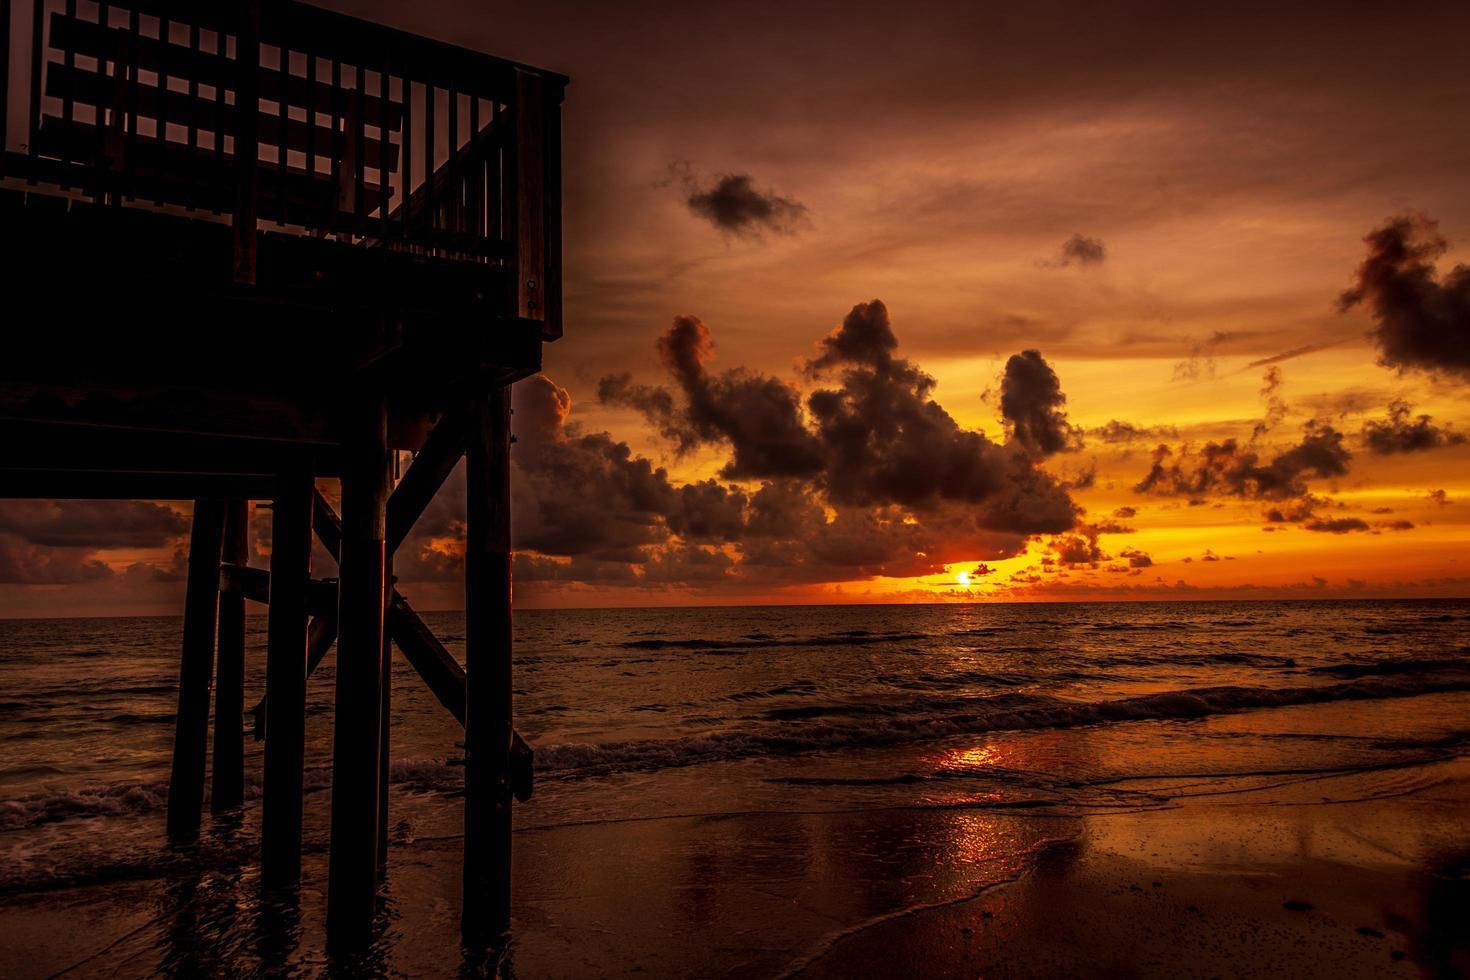 oceaan bij zonsopgang foto